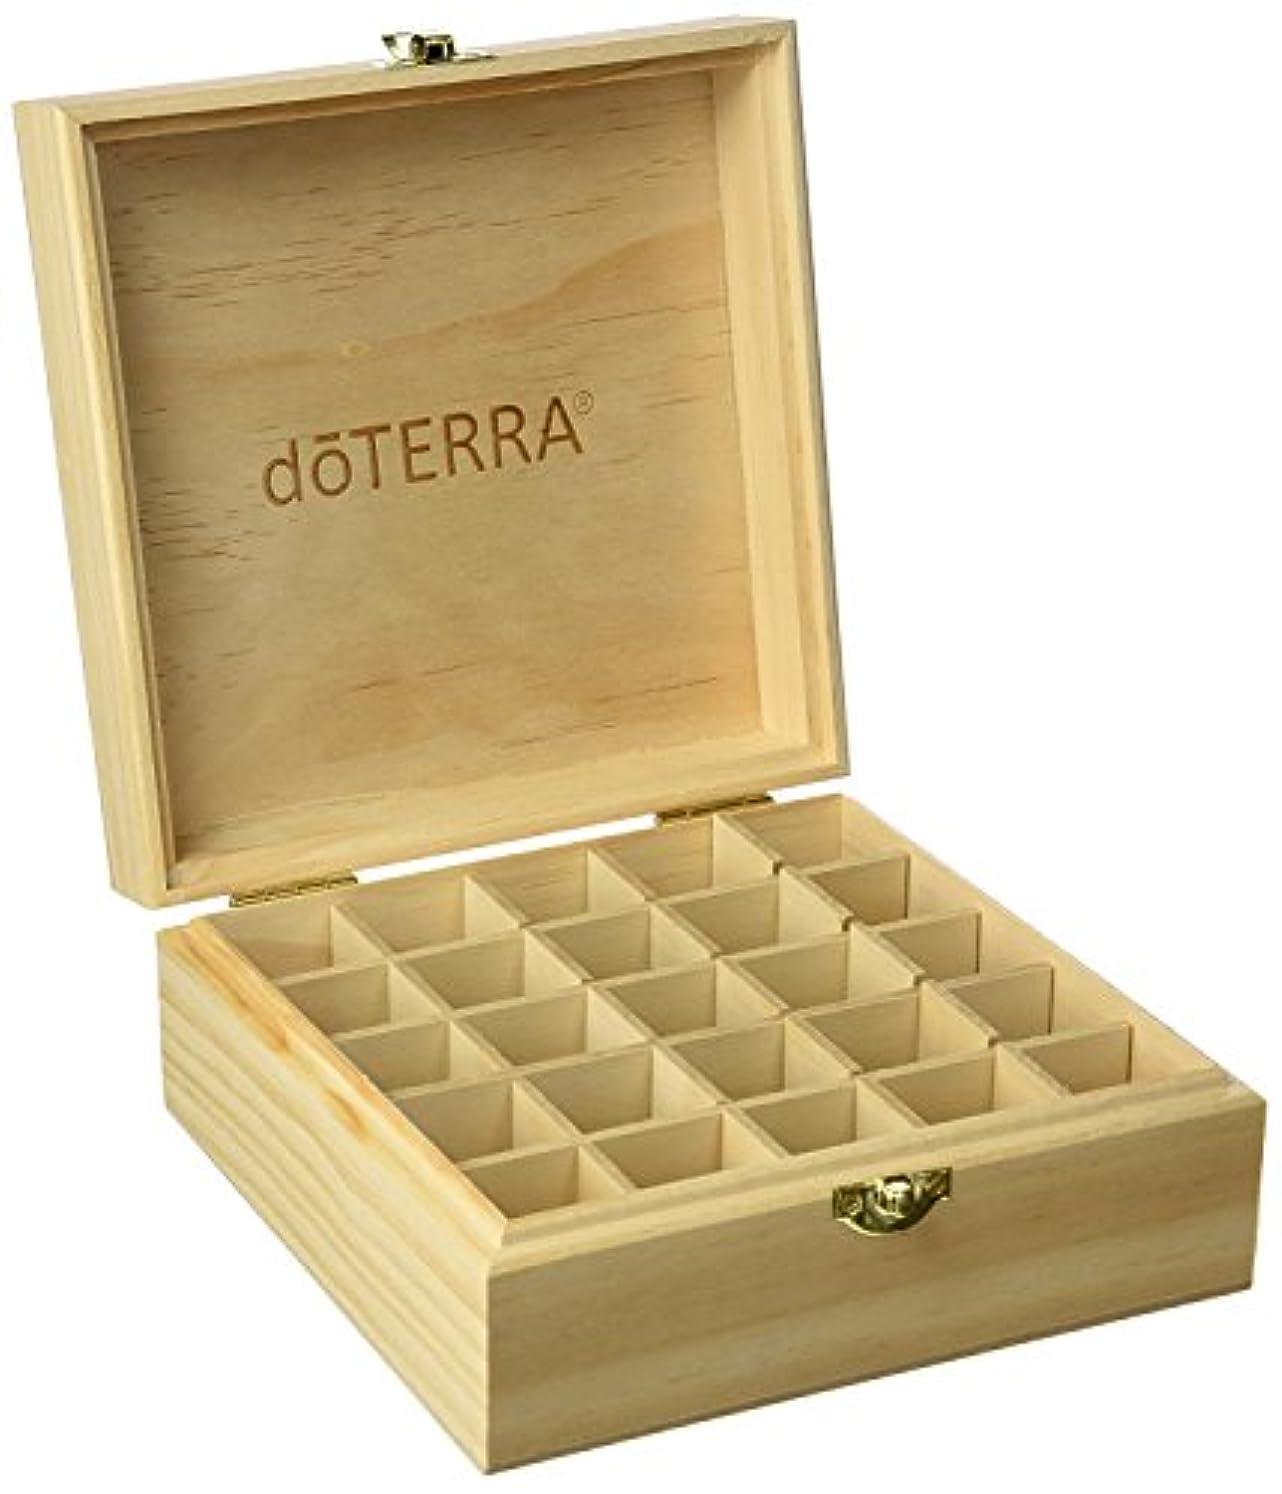 で想像力豊かな積分エッセンシャルオイル収納ボックス25本用 エッセンシャルオイルボックス 20 mlのボトルを15 mlのための25のブロックによって木製のキャビネット